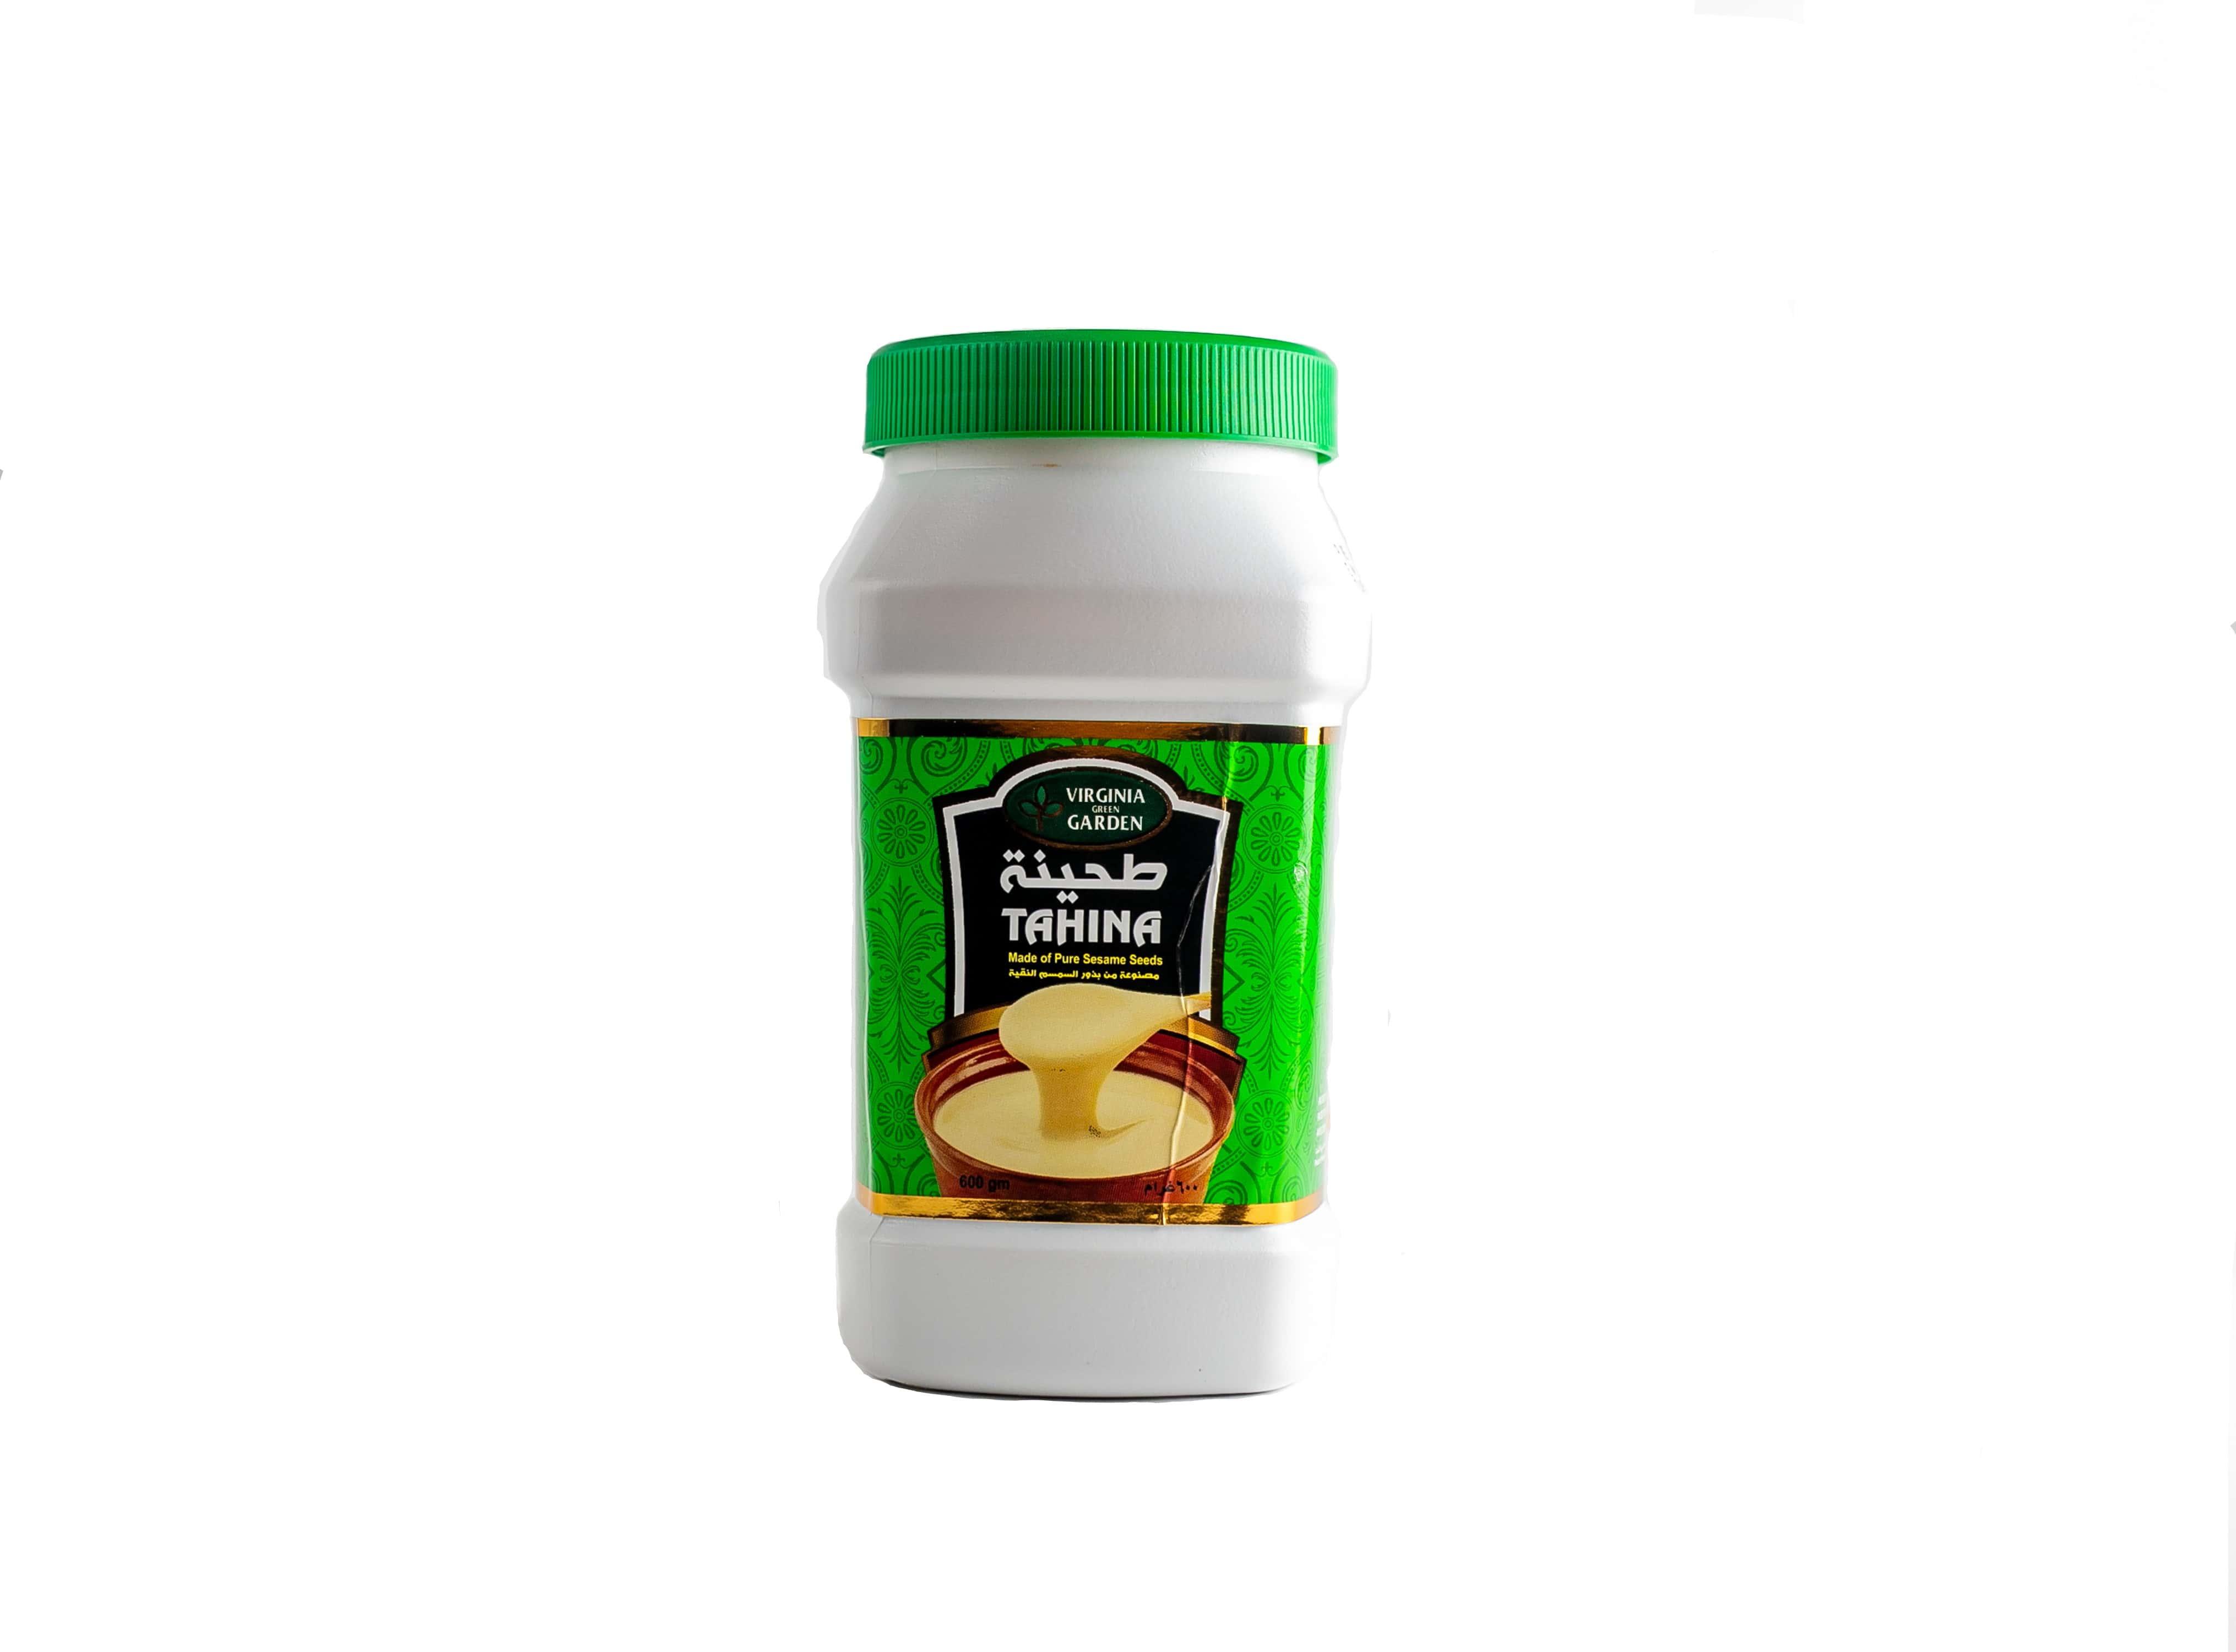 Паста Тахина Verginia Garden - это густая паста из кунжута.